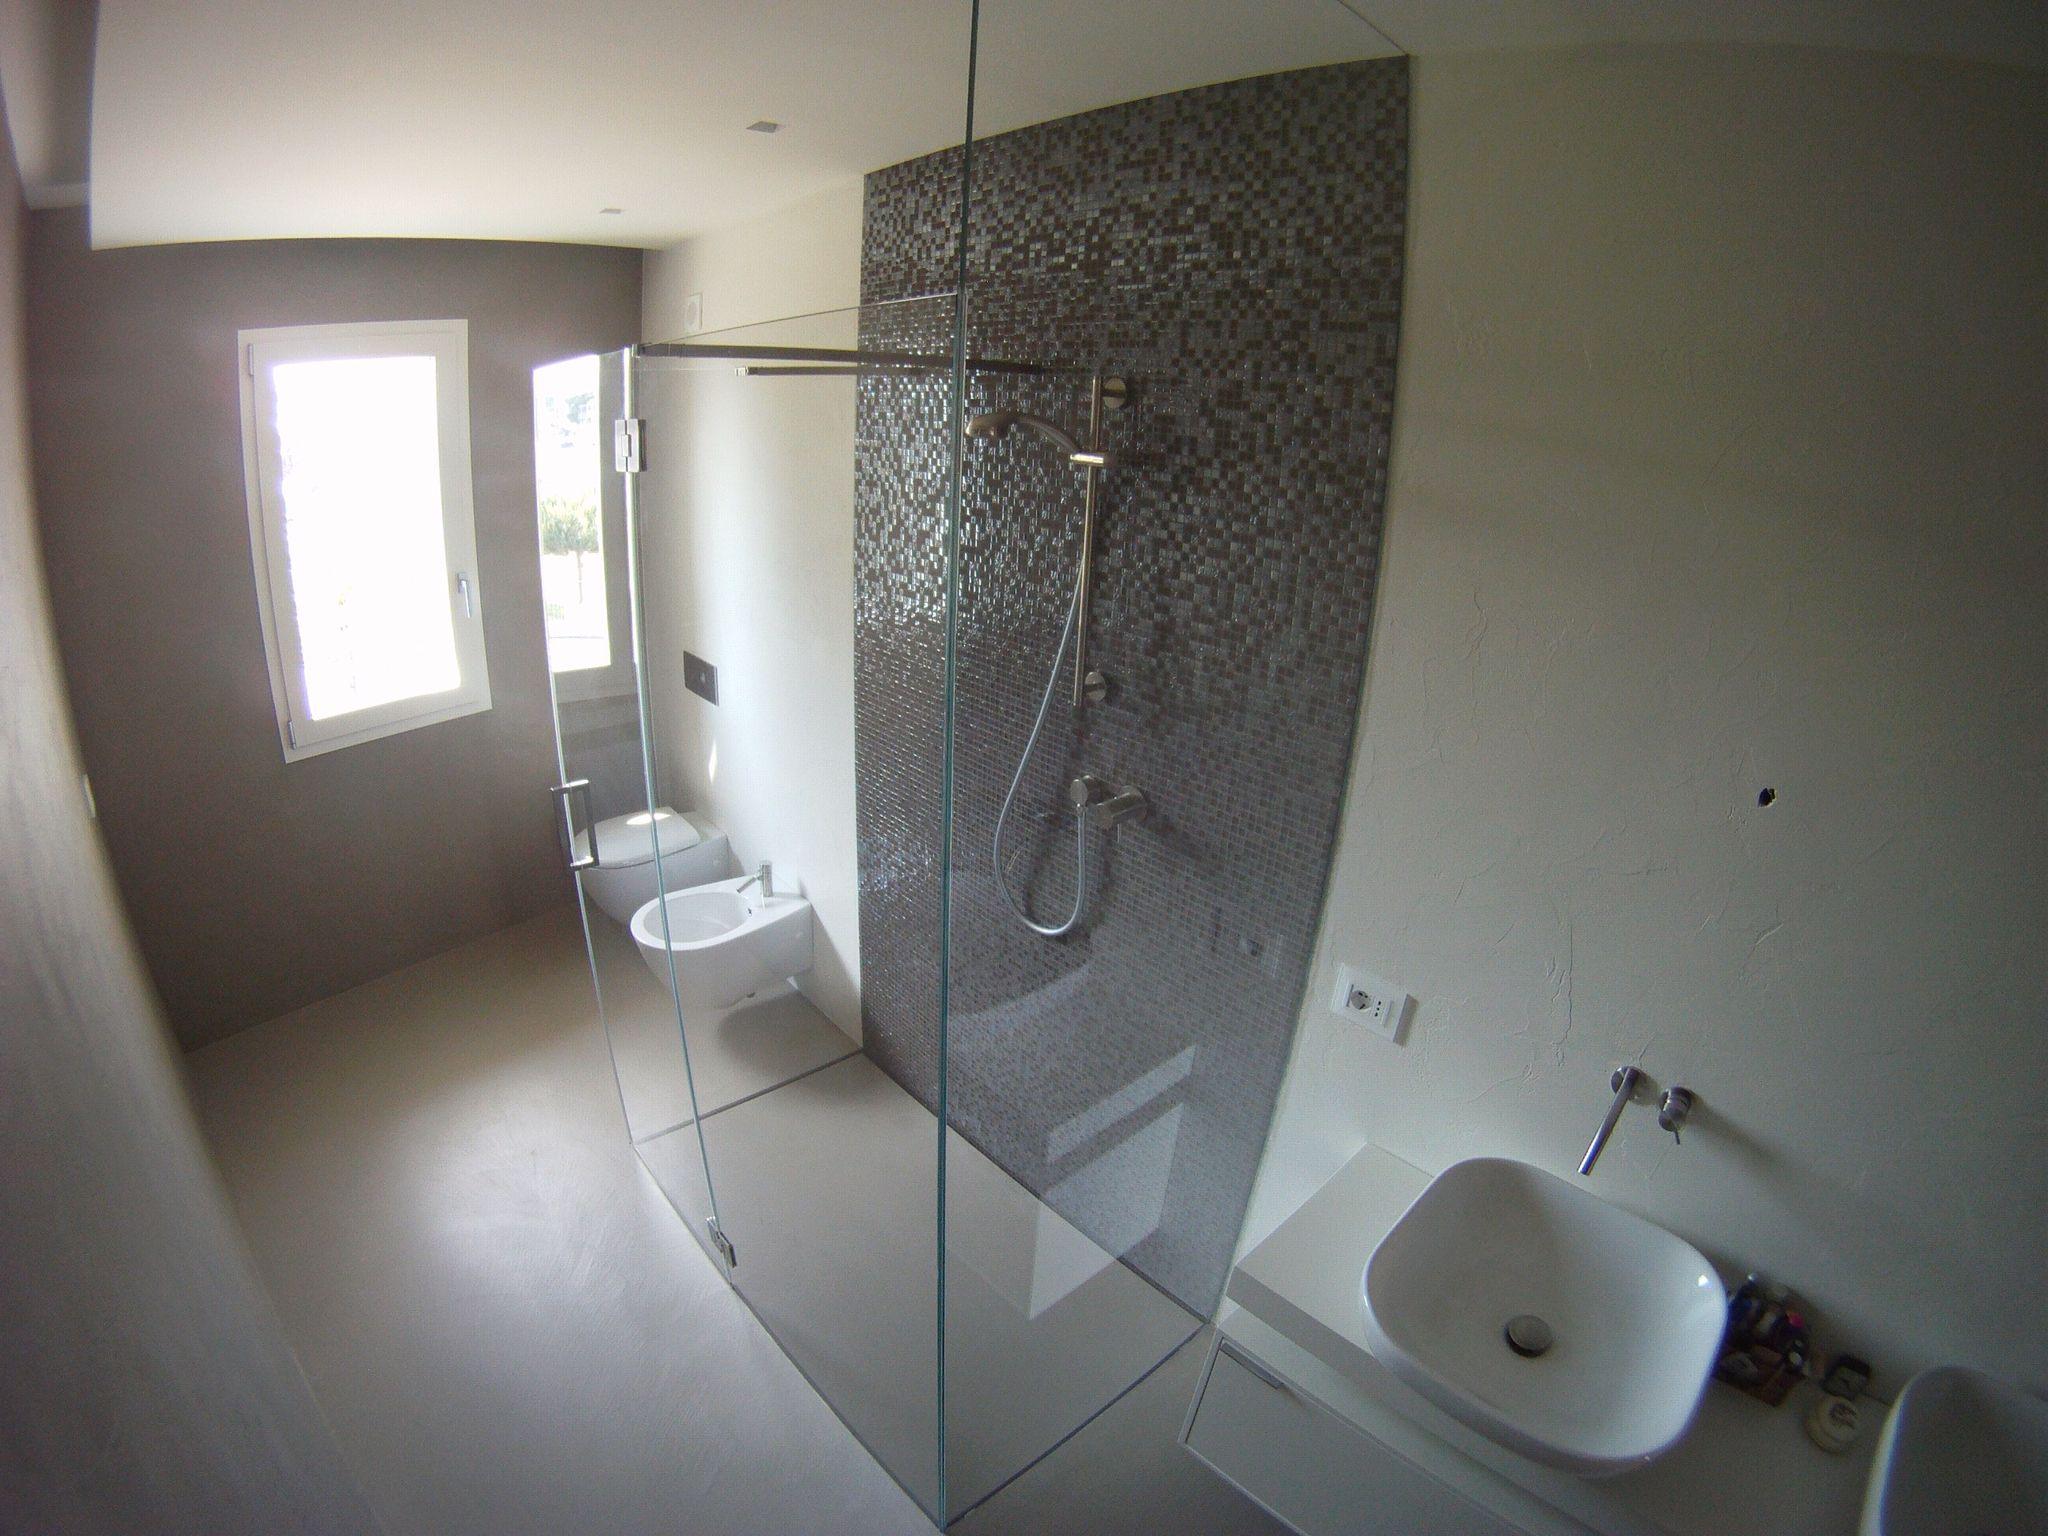 Piatti doccia filo pavimento su misura di design silverplat sistemi